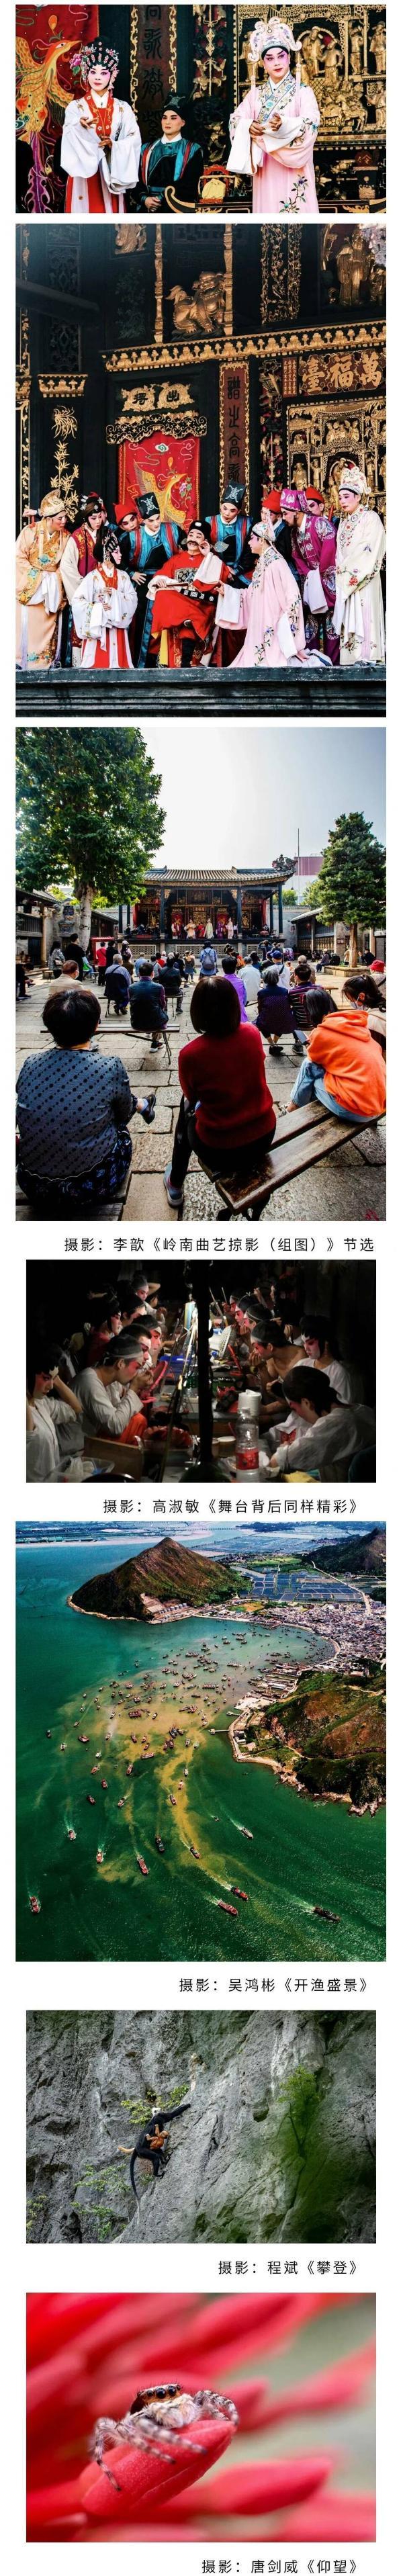 广州IFC联手省青摄携30位青年摄影家,用镜头记录美好